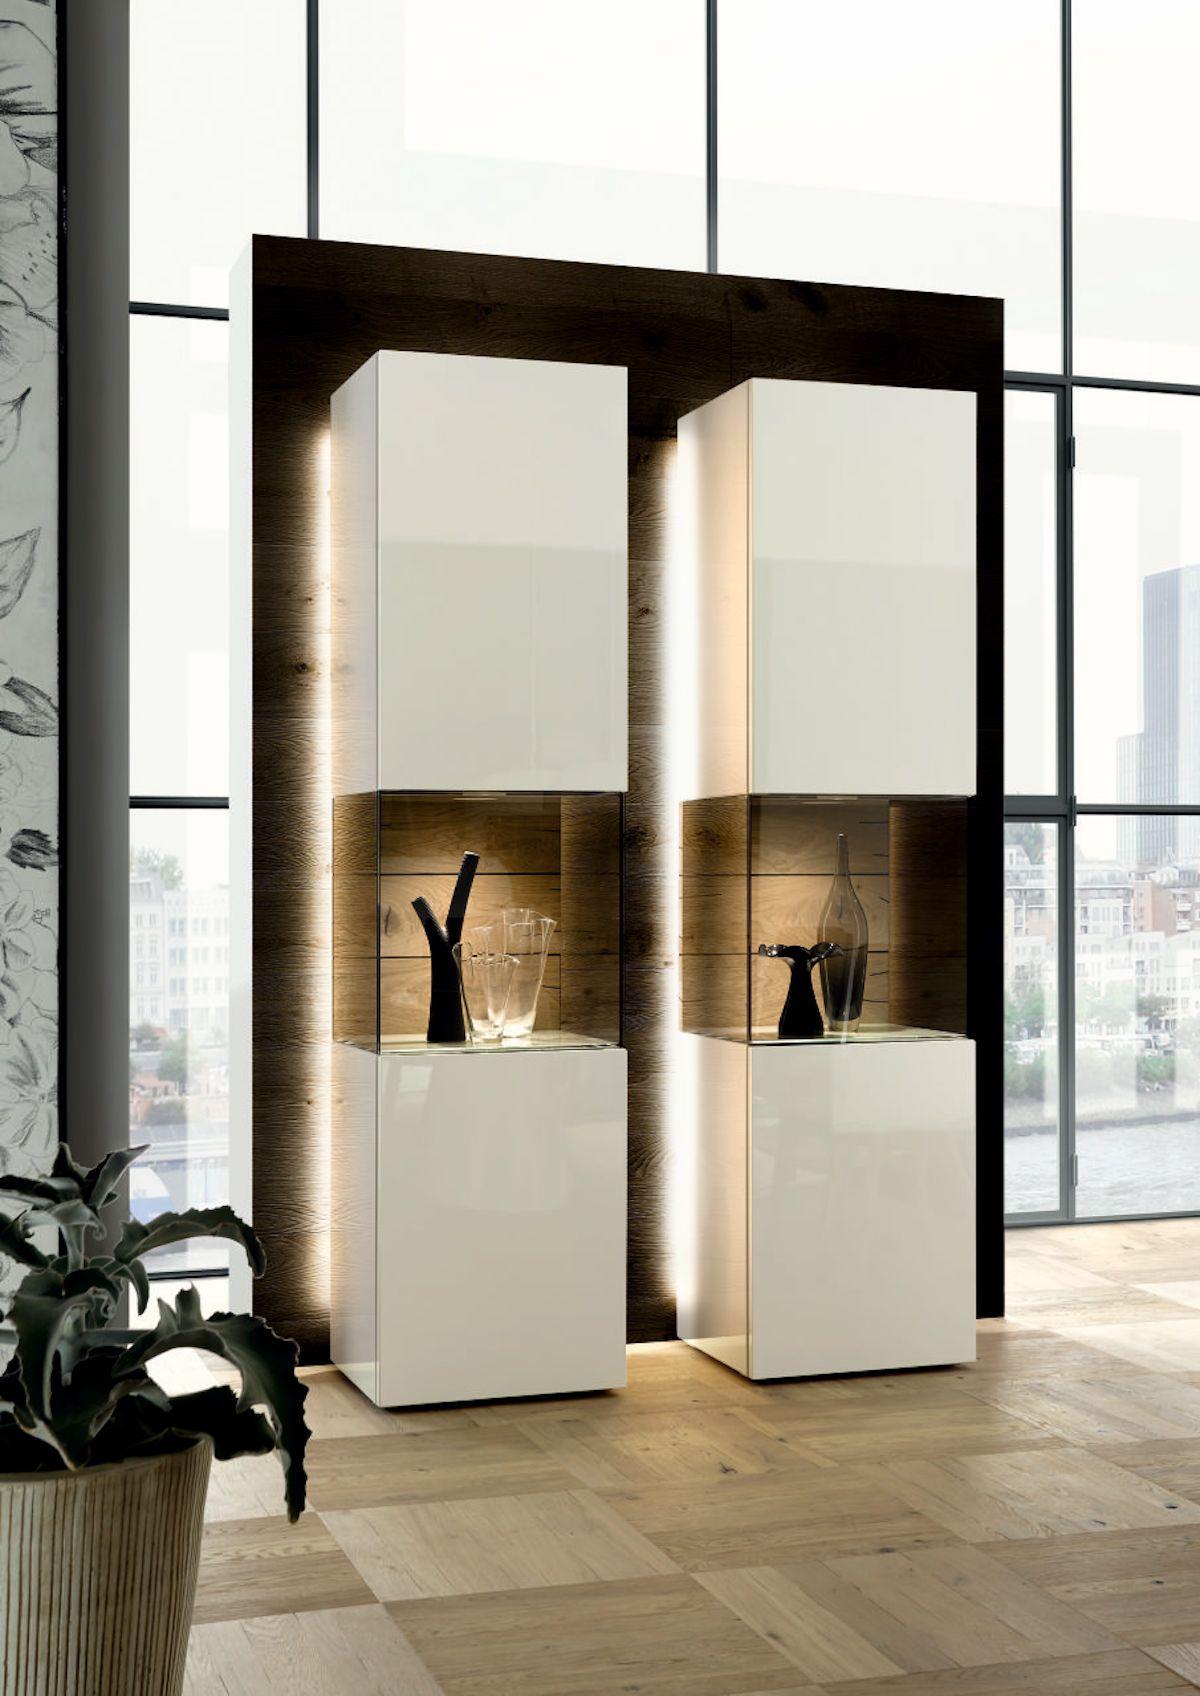 Hülsta Gentis Kasten Mod Interior Design In 2019